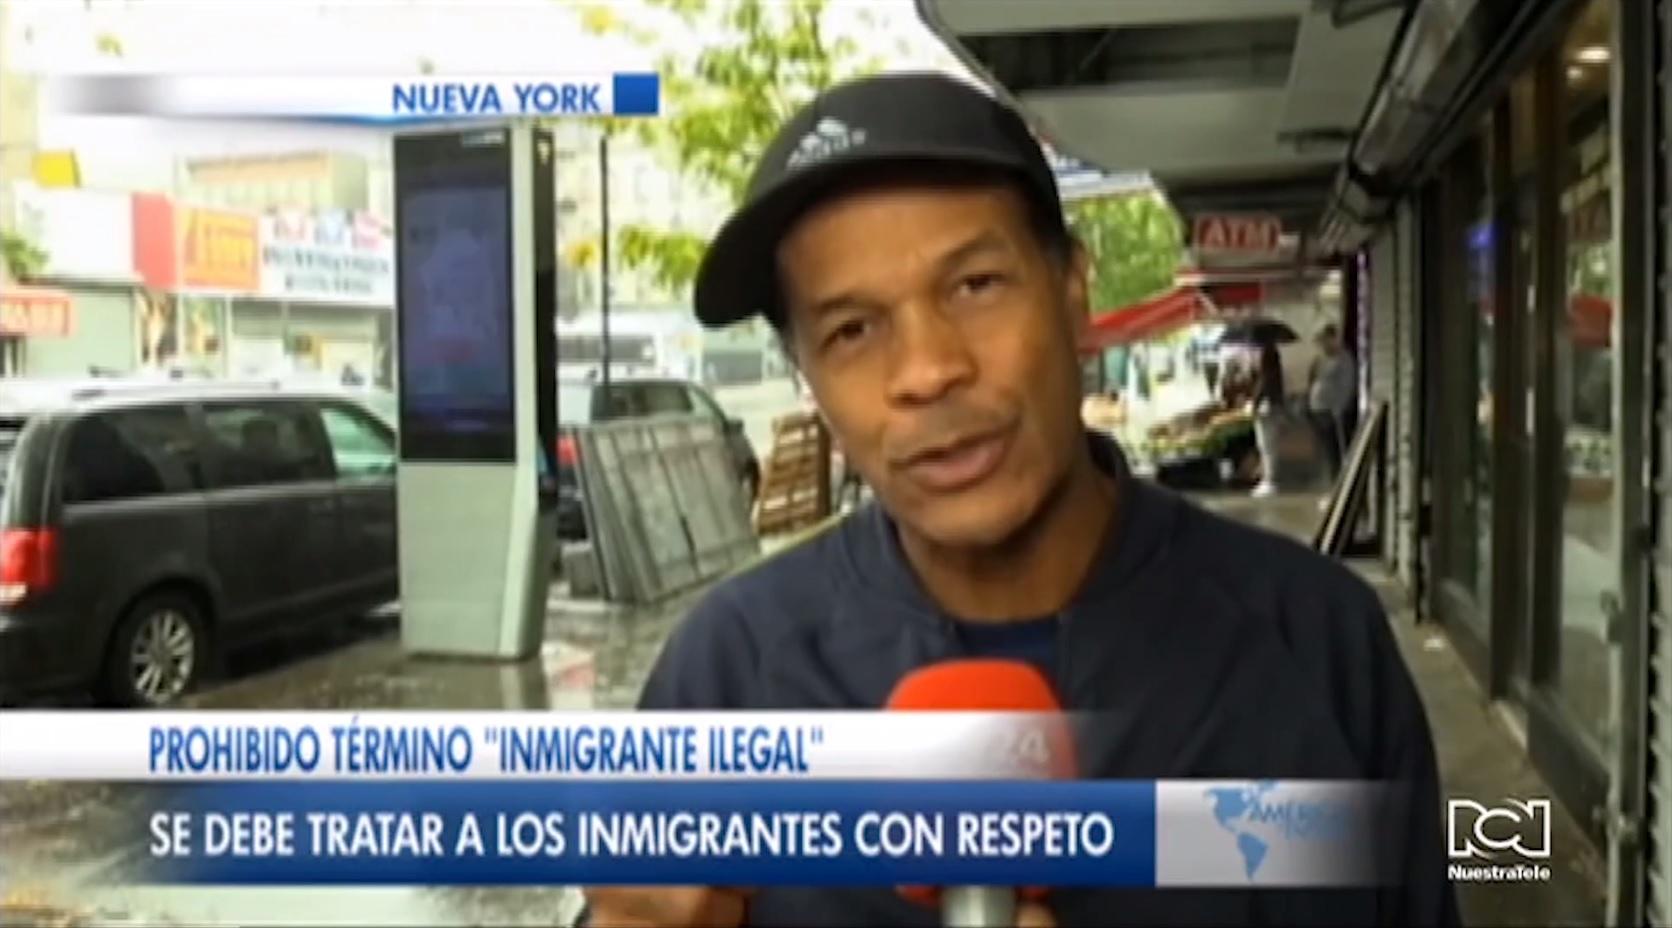 Nueva York impondrá multas a las personas que usen el termino 'inmigrante ilegal'